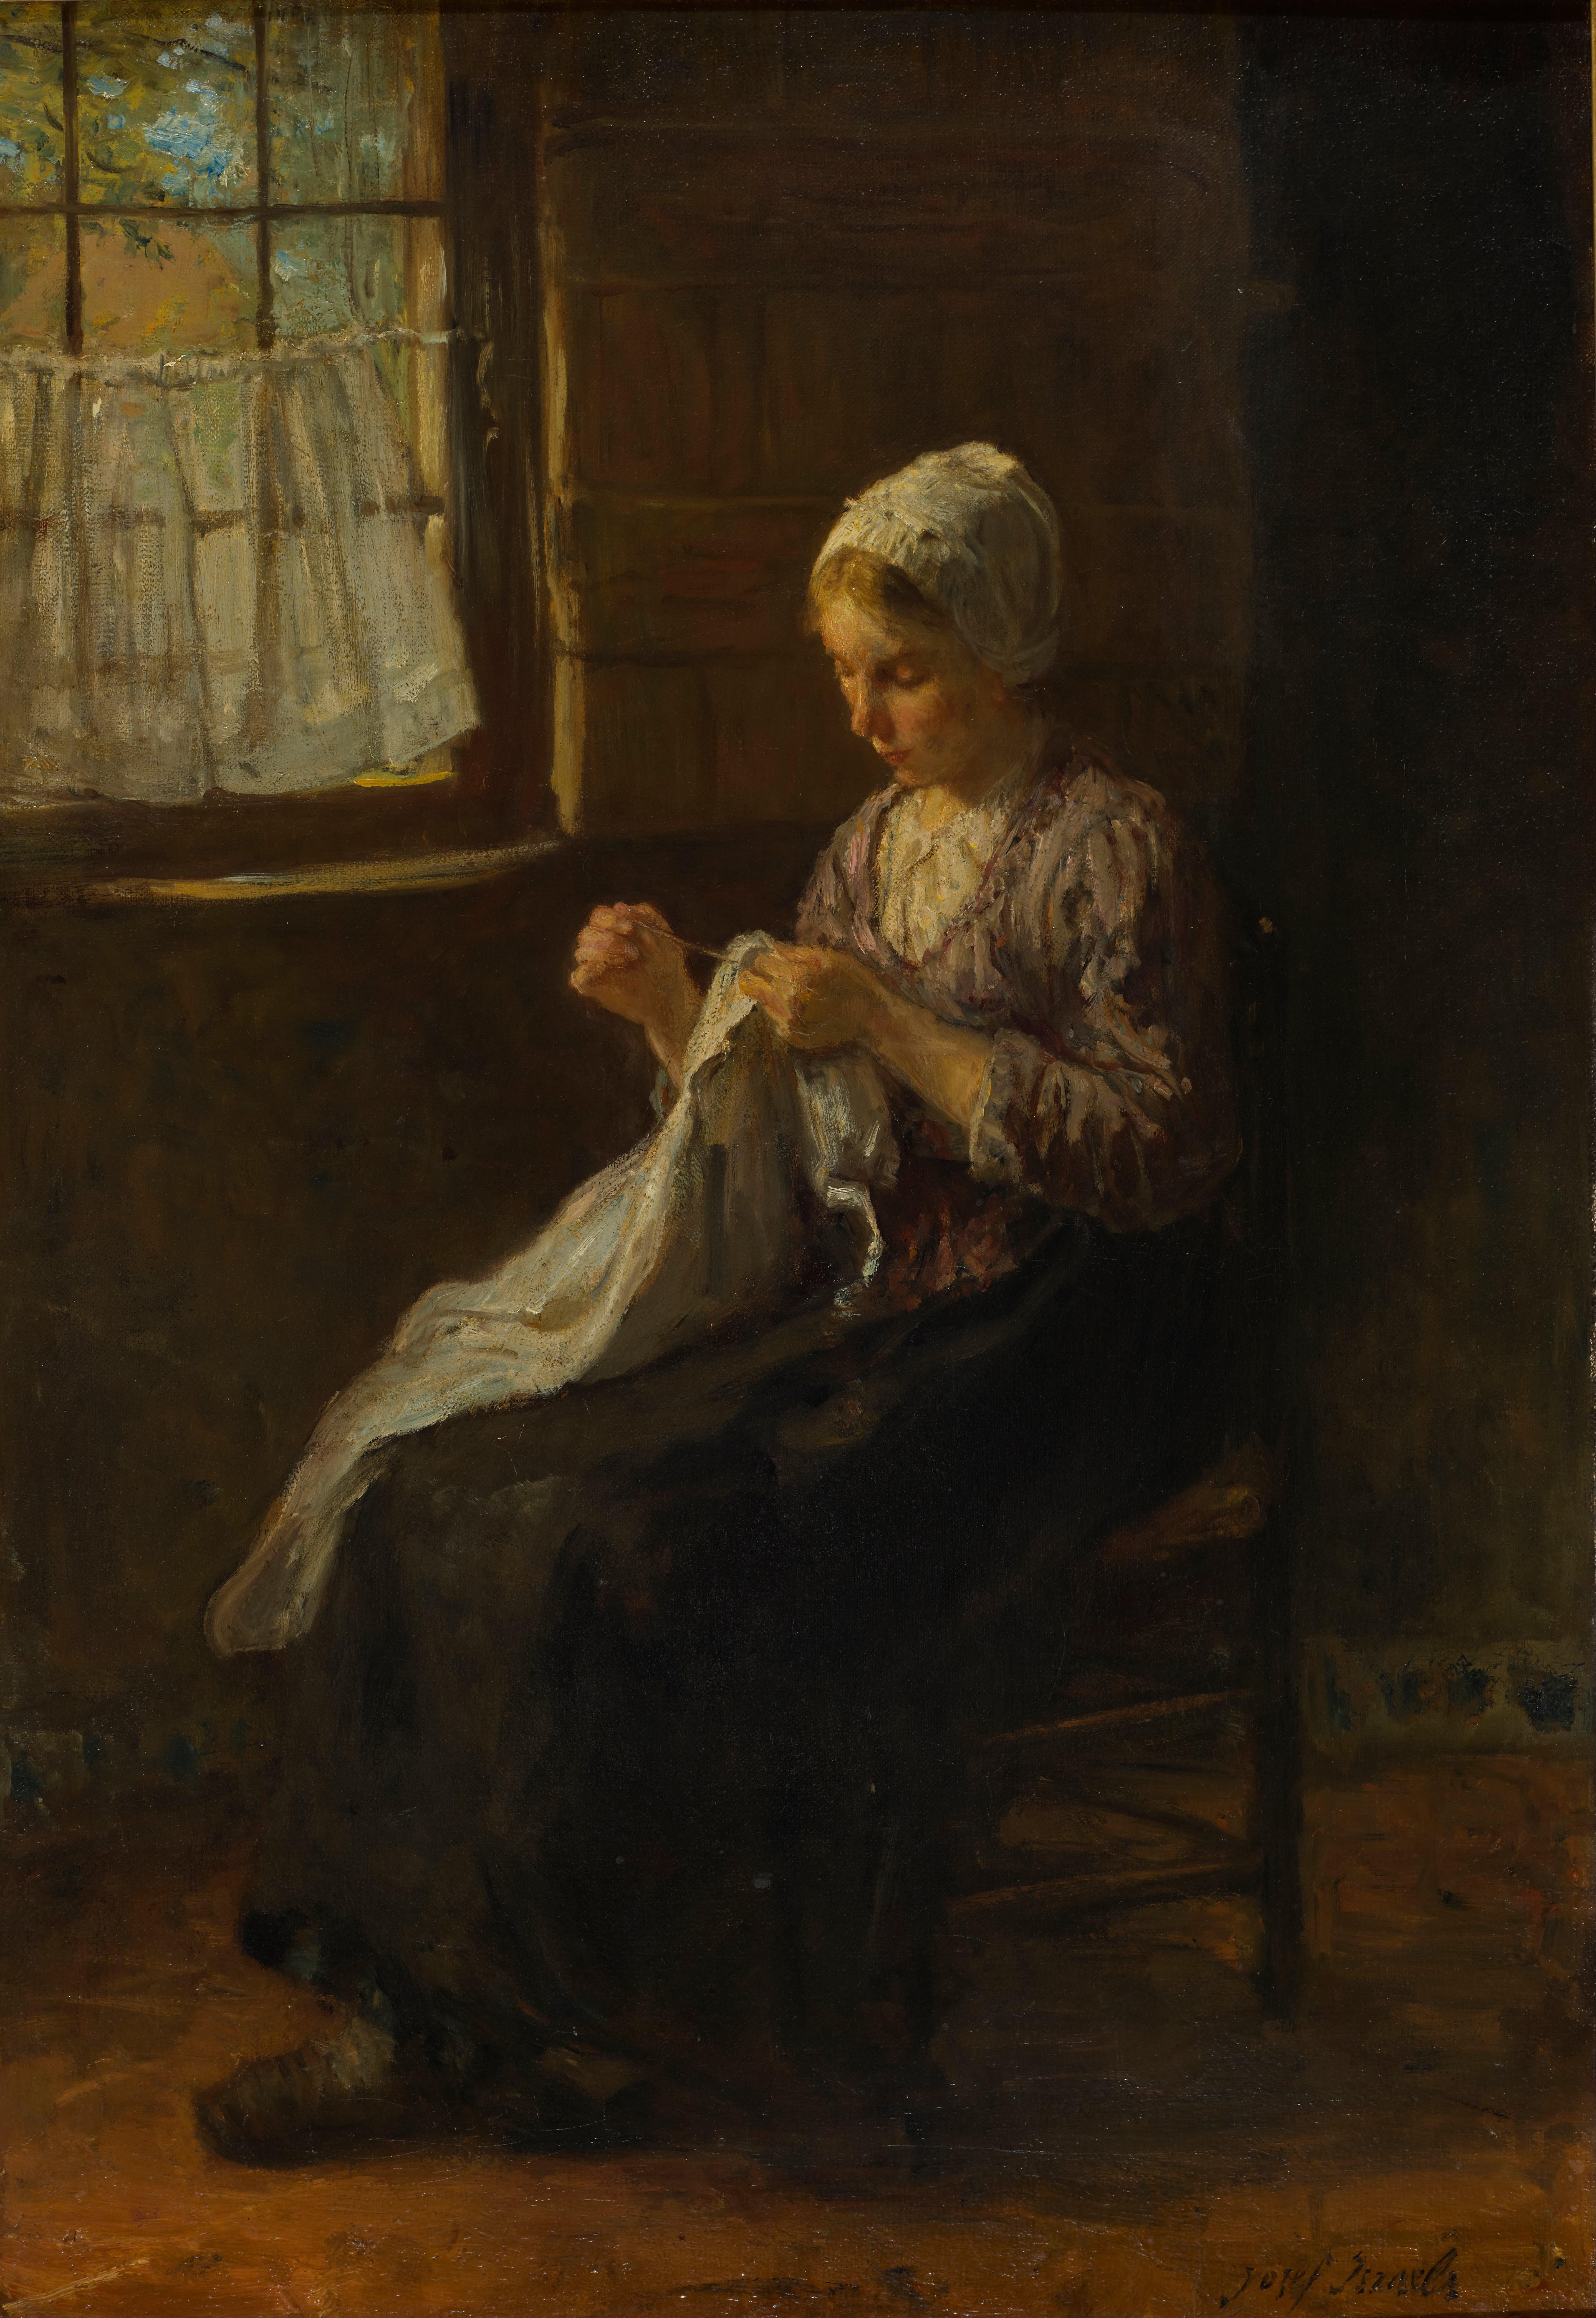 ヨゼフ・イスラエルス『縫い物をする若い女』